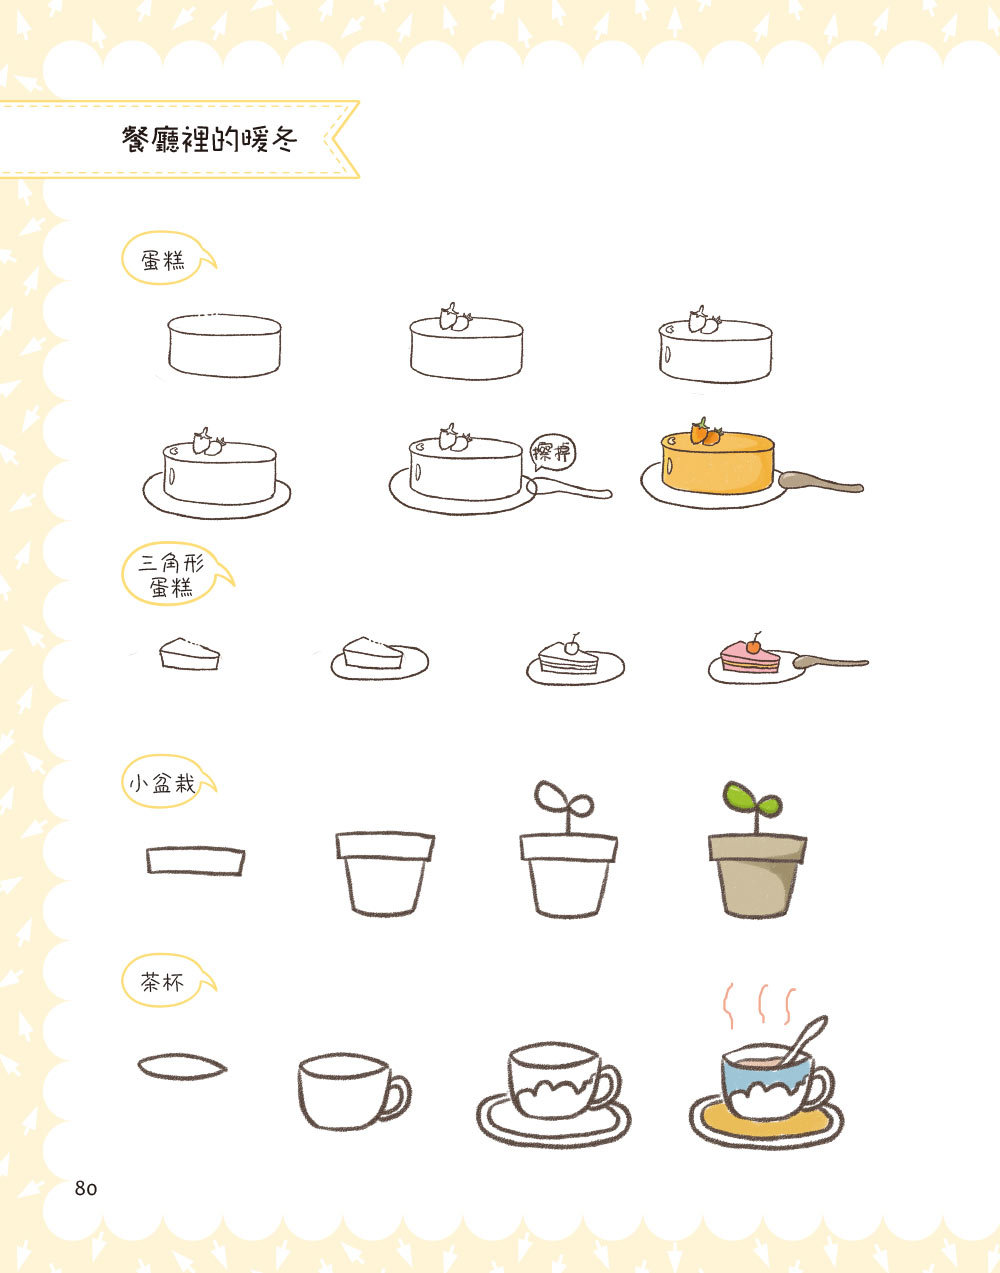 夏七醬的無敵Q萌塗鴉本-preview-7